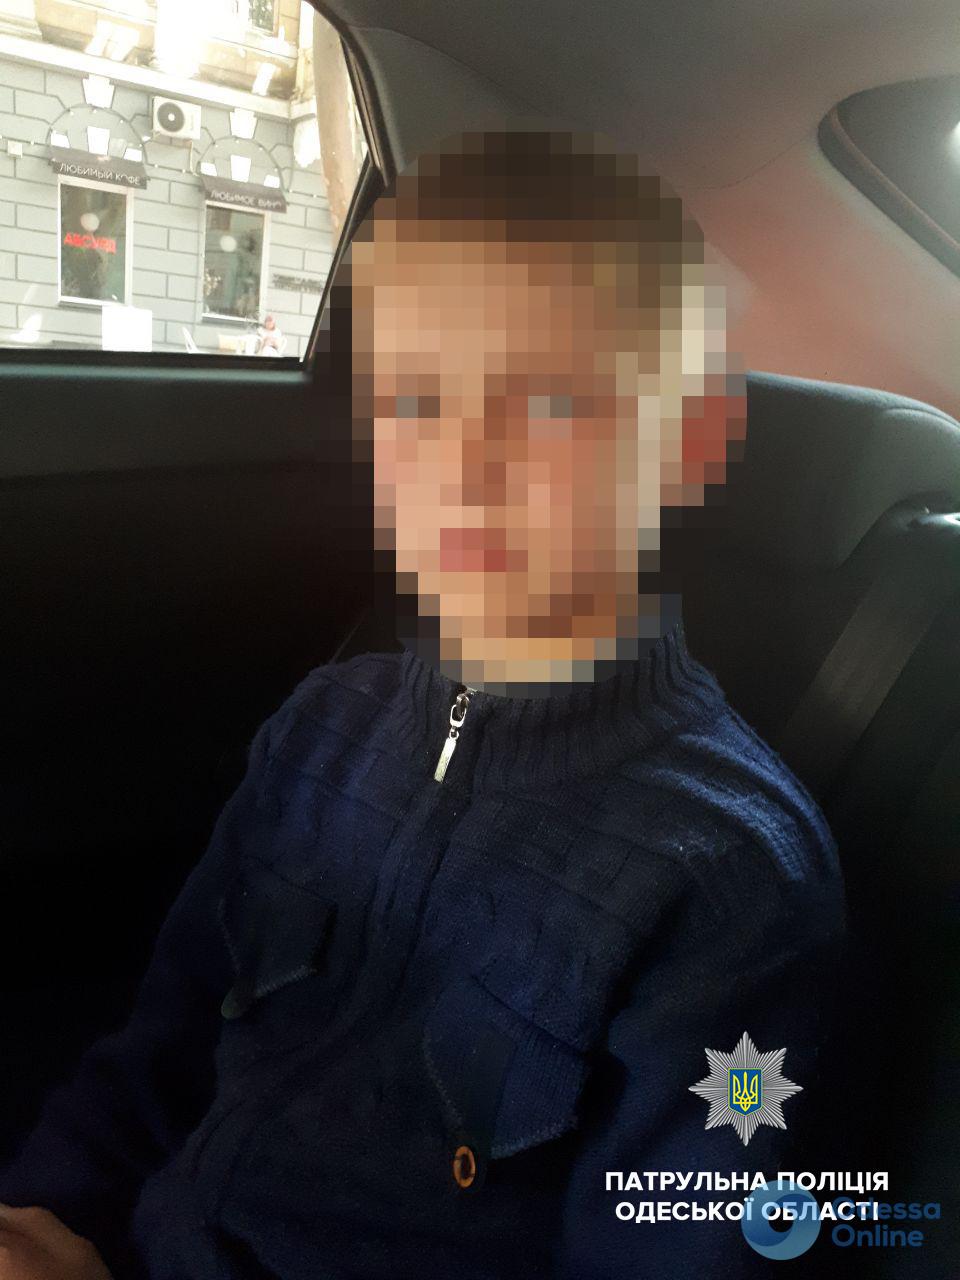 Одесские патрульные вернули родителям двух потерявшихся детей